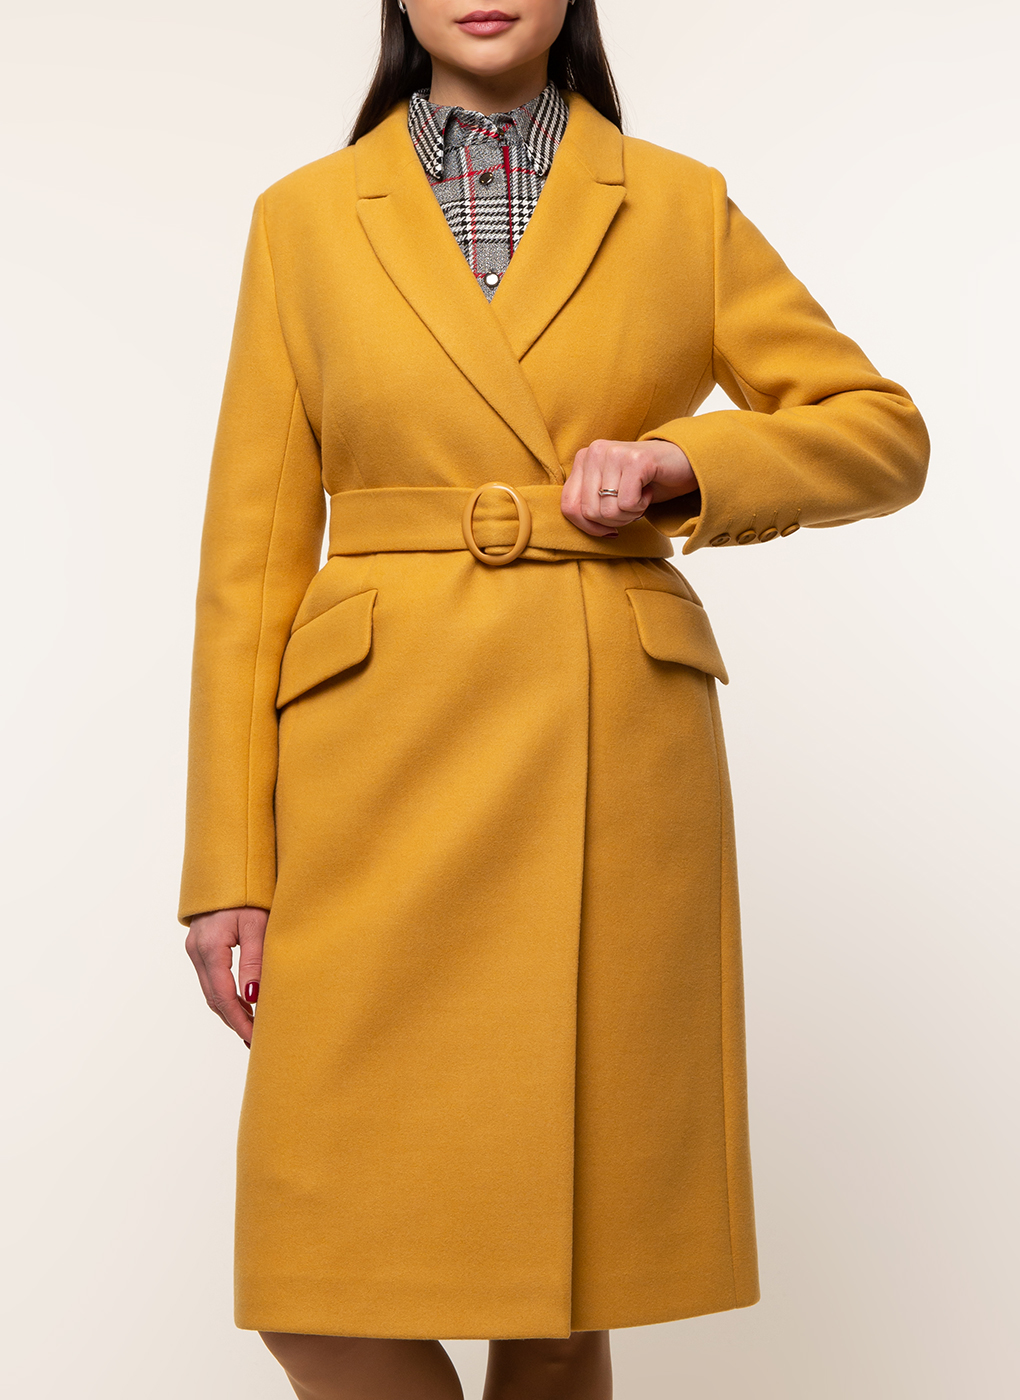 Пальто полушерстяное 47, Заря Моды фото